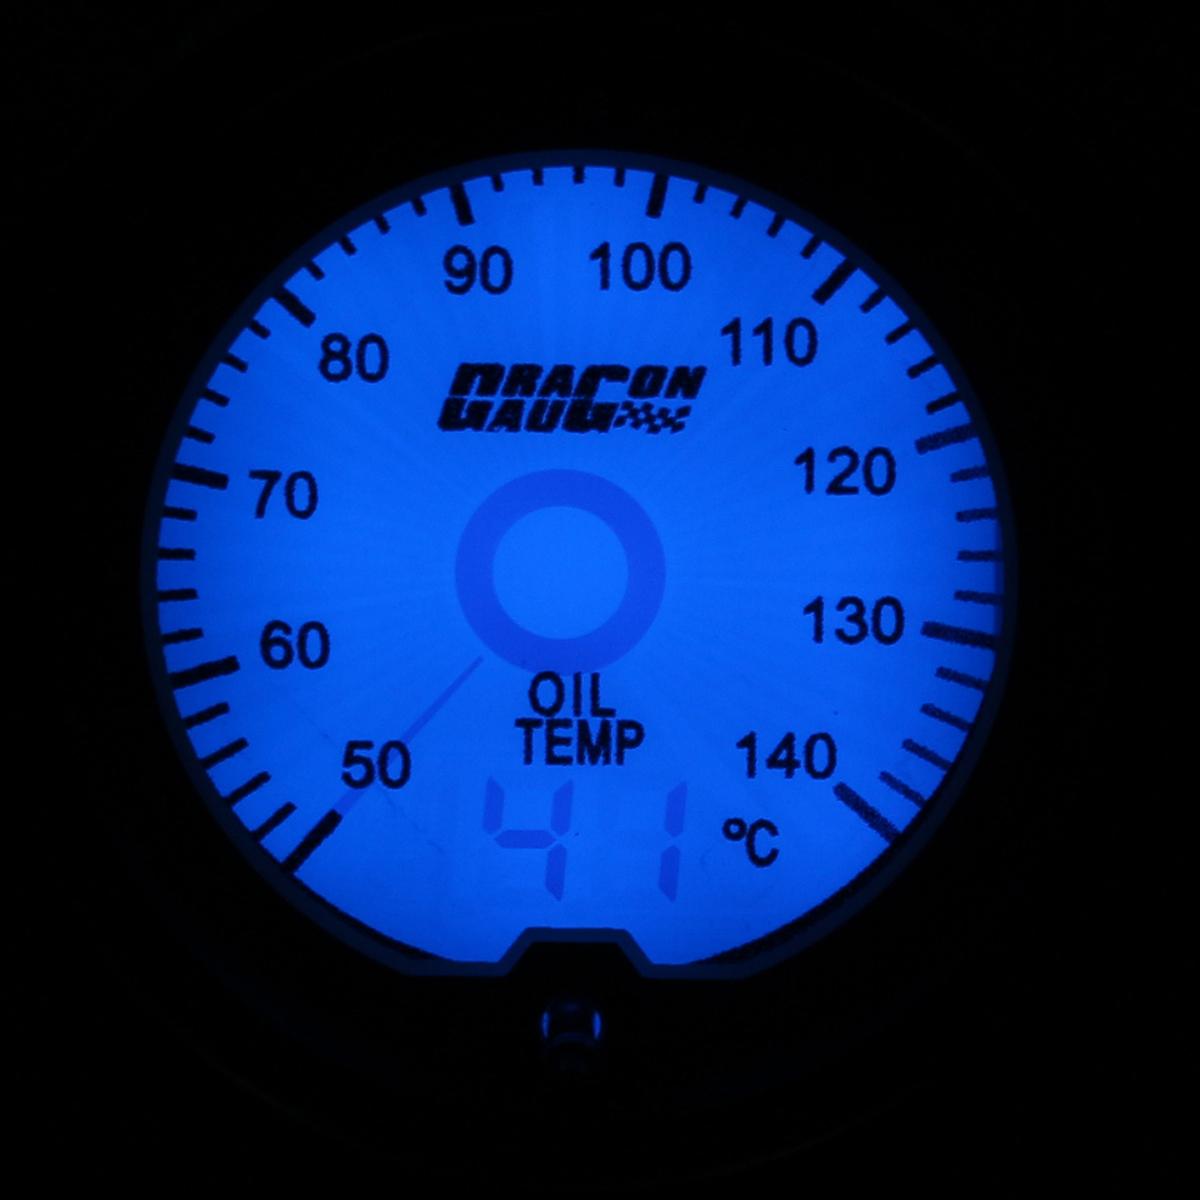 52mm Car Oil Temp Temperature Gauge Digital 7 color LED Display Car Meter